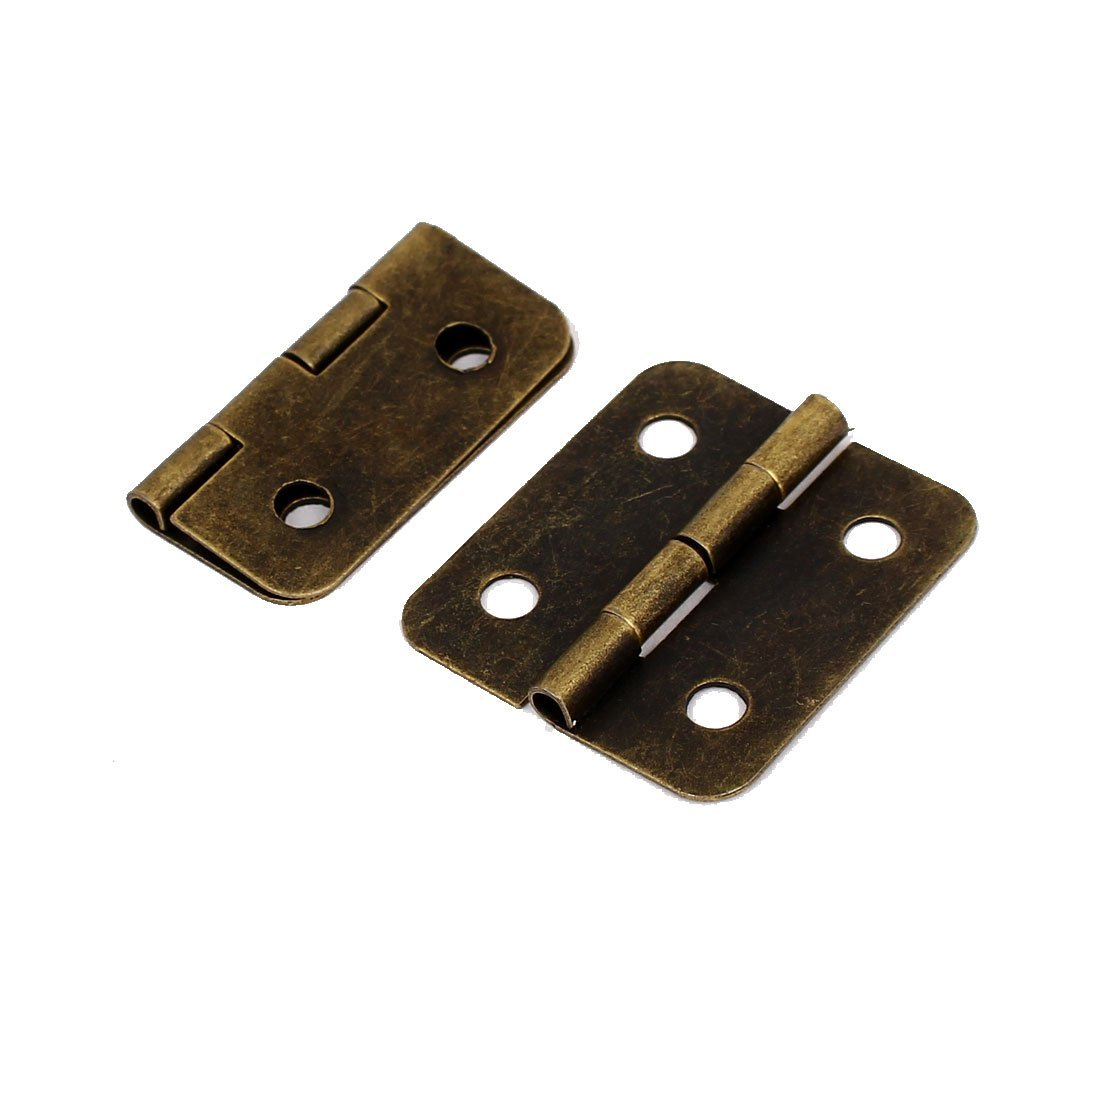 eDealMax Mobili portello del cassetto del 1.2 pollici di lunghezza metallo Butt pieghevole Cerniere di tono del bronzo 50PCS by eDealMax